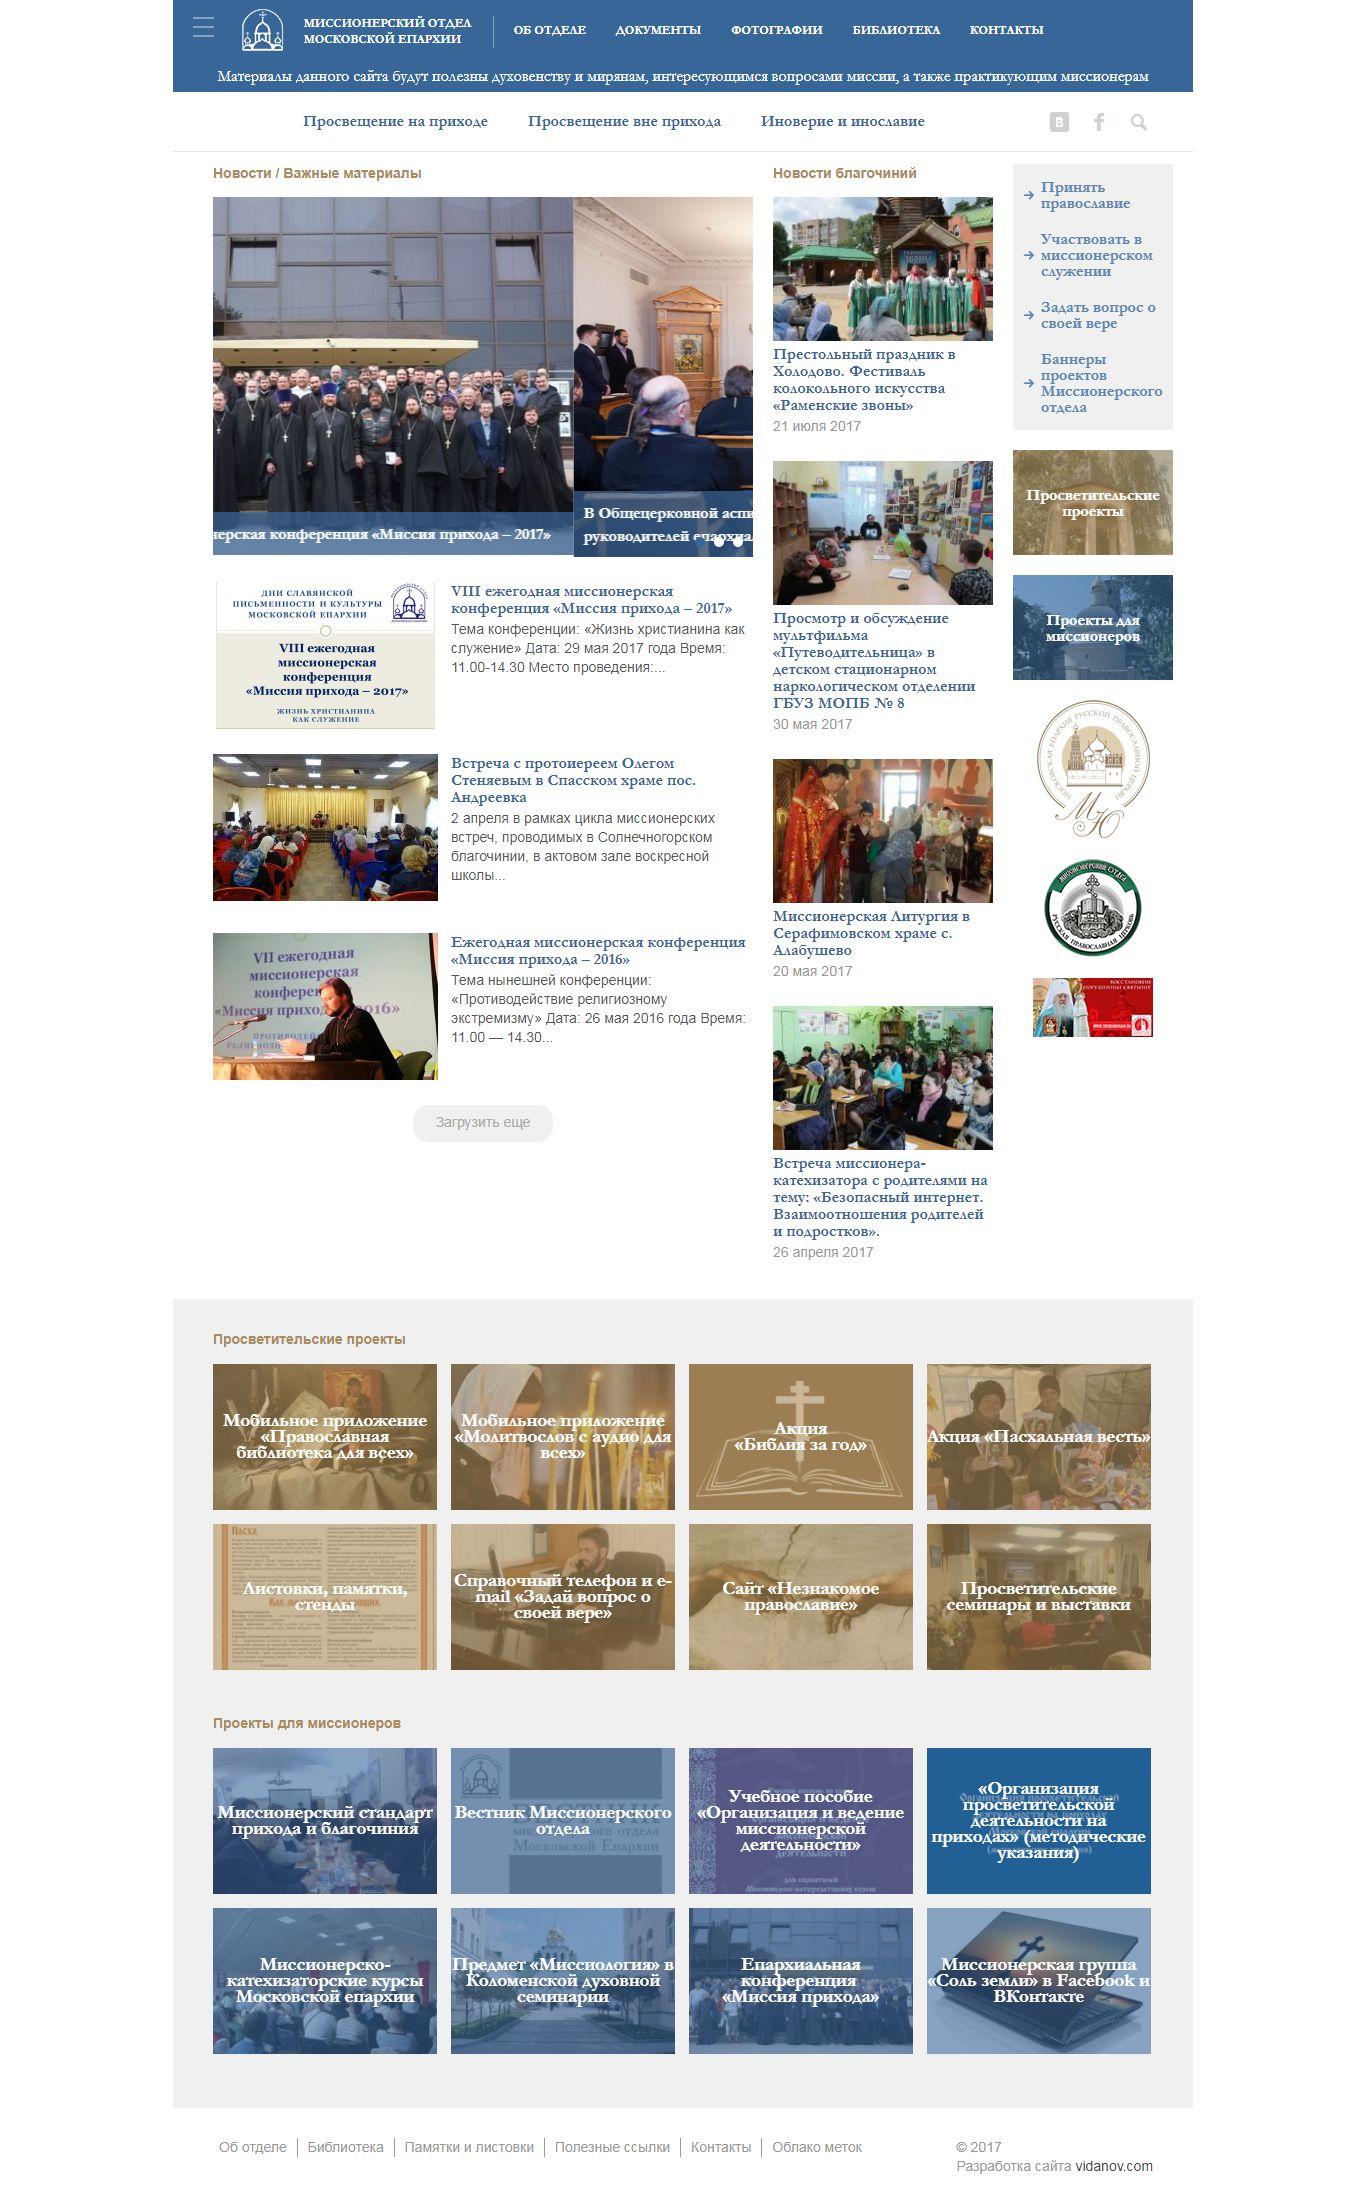 Die offizielle Website der Missionsabteilung der Moskauer Diözese